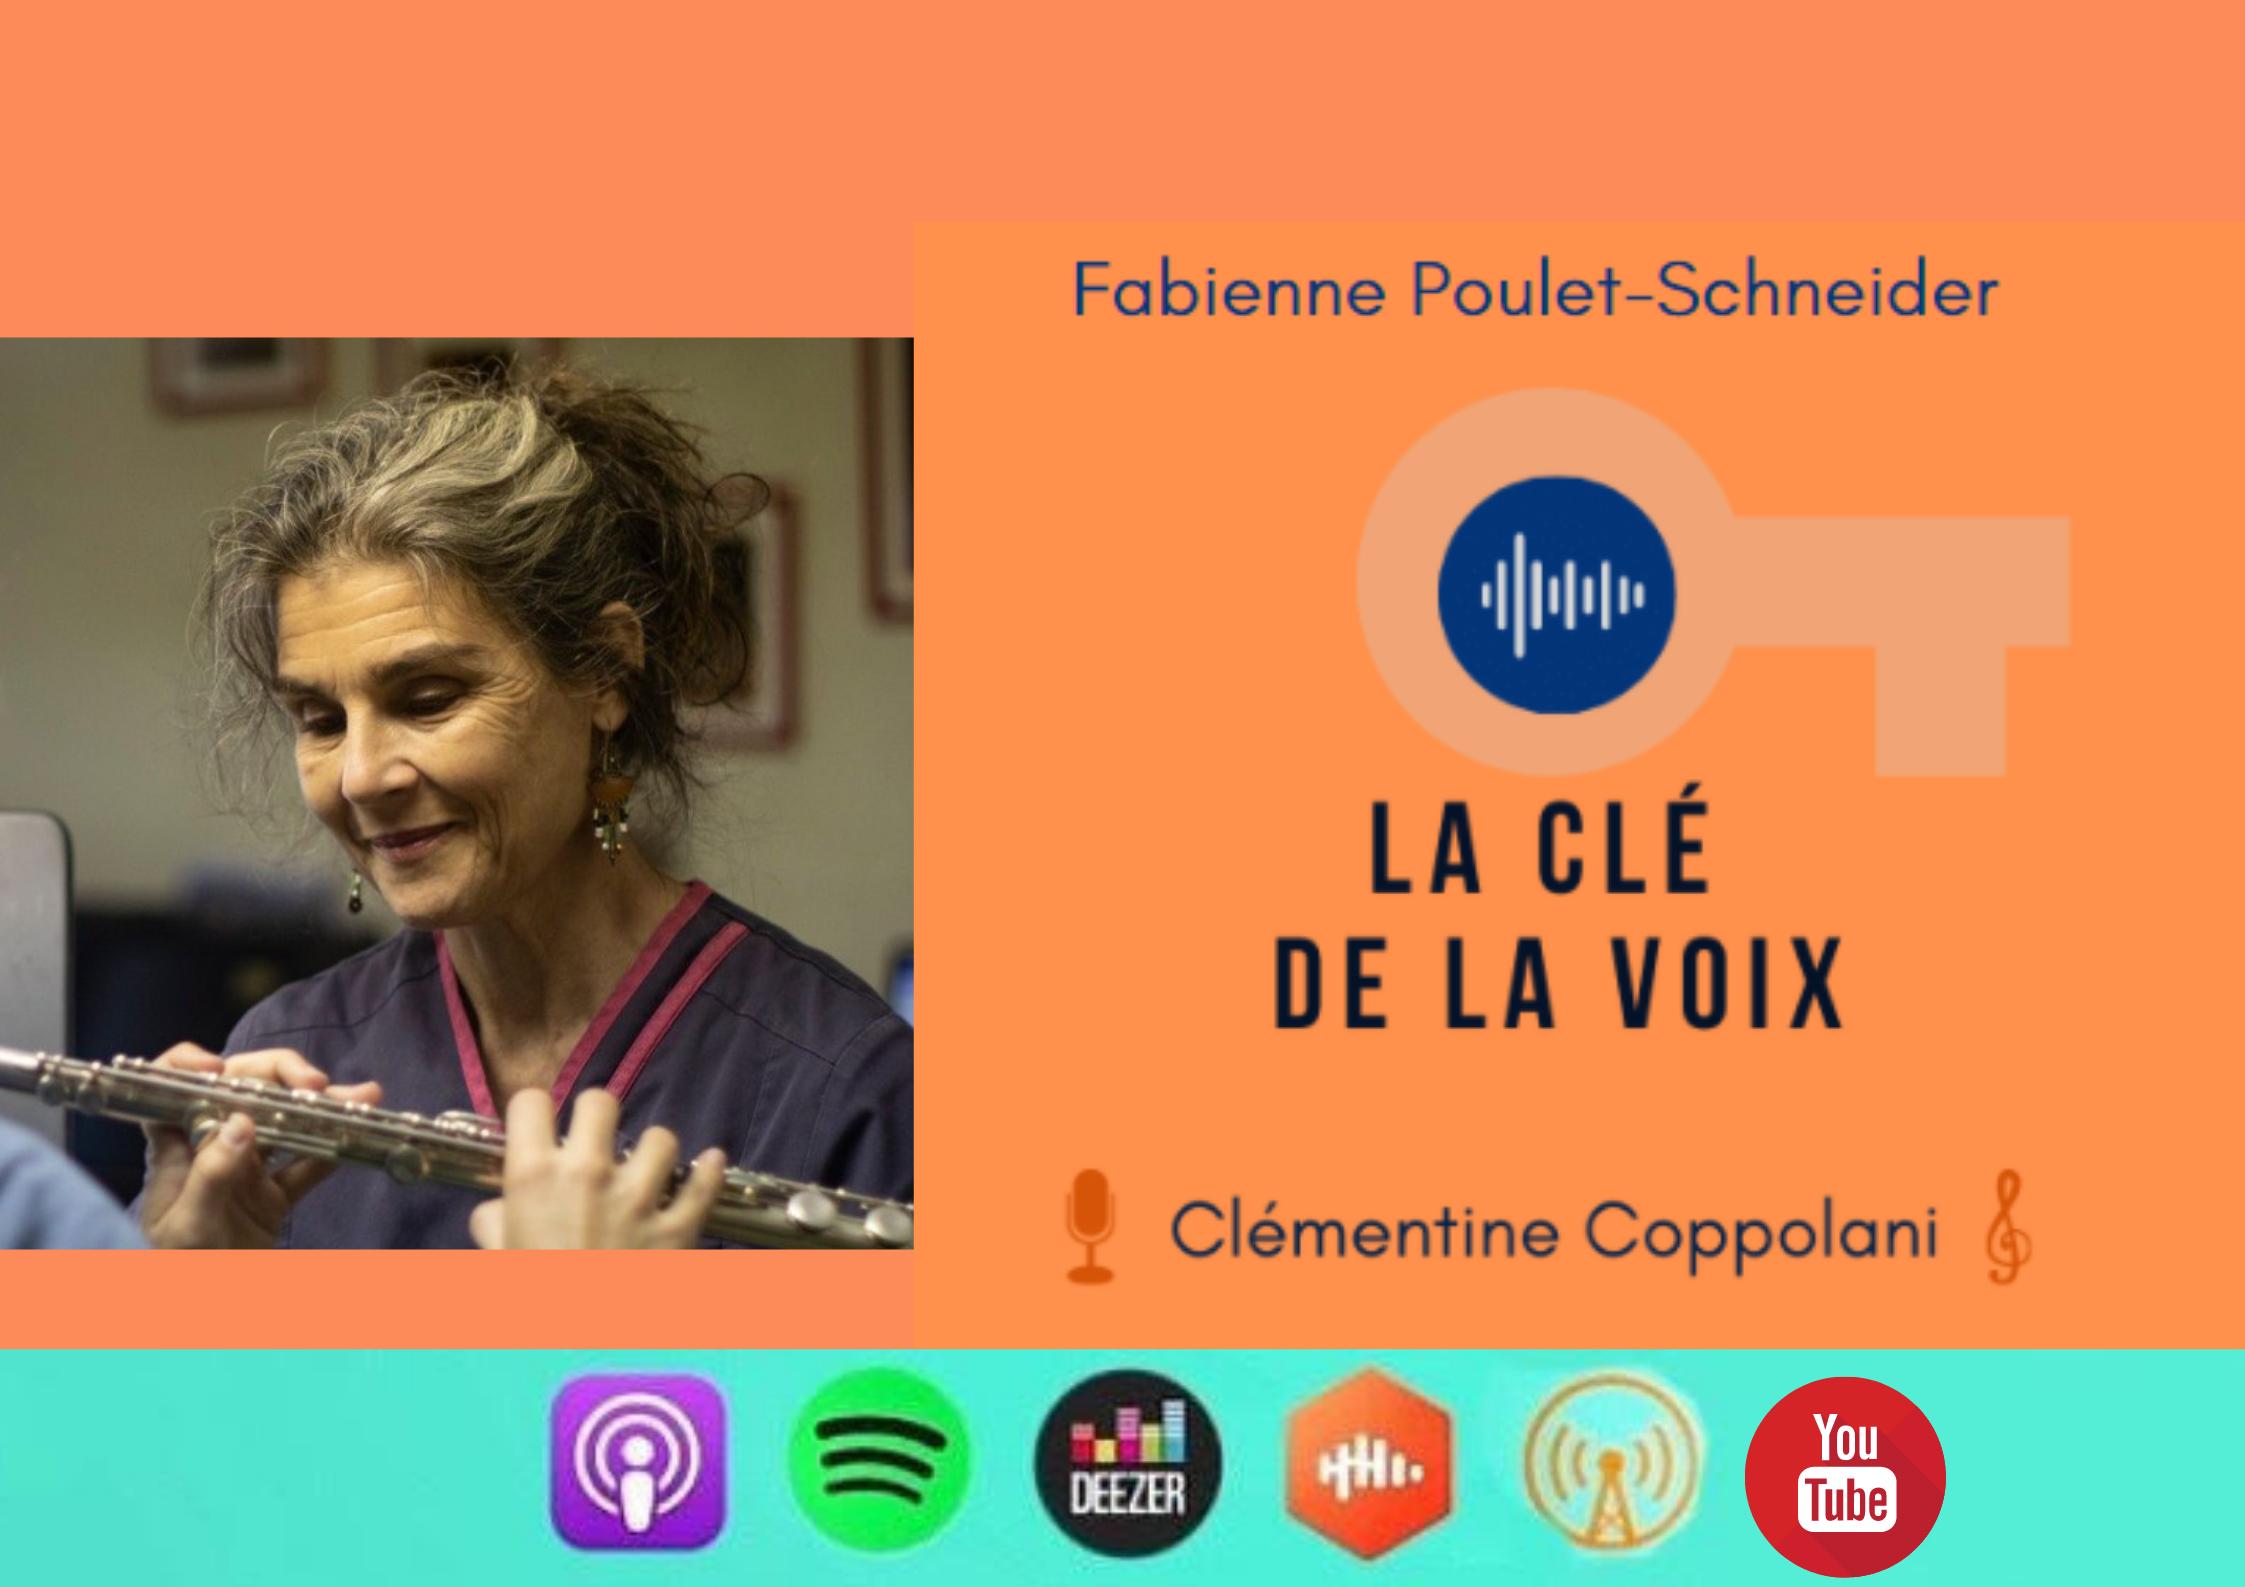 E5 Kiné du chanteur et du musicien Fabienne Poulet-Schneider